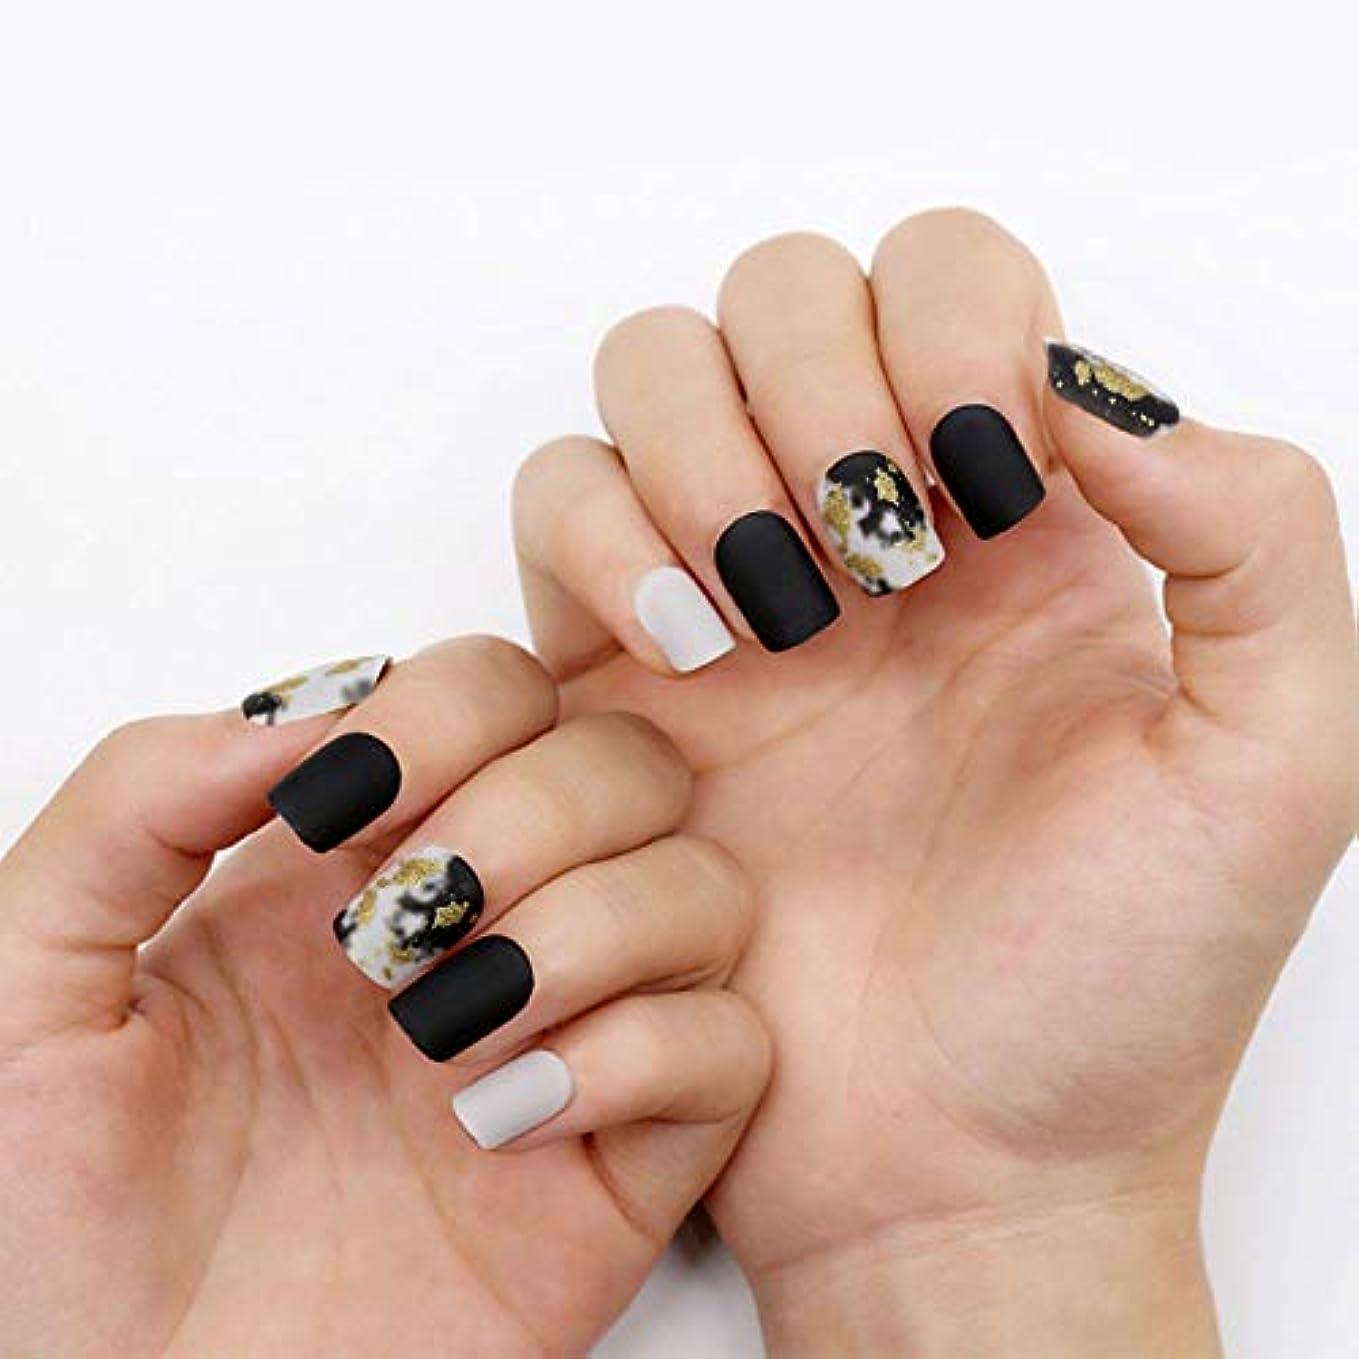 マーキー沼地鈍いネイルチップ 12サイズ 夏の 優雅 黒 つけ爪 ネイル用品 ショート デコレーション 無地 付け爪